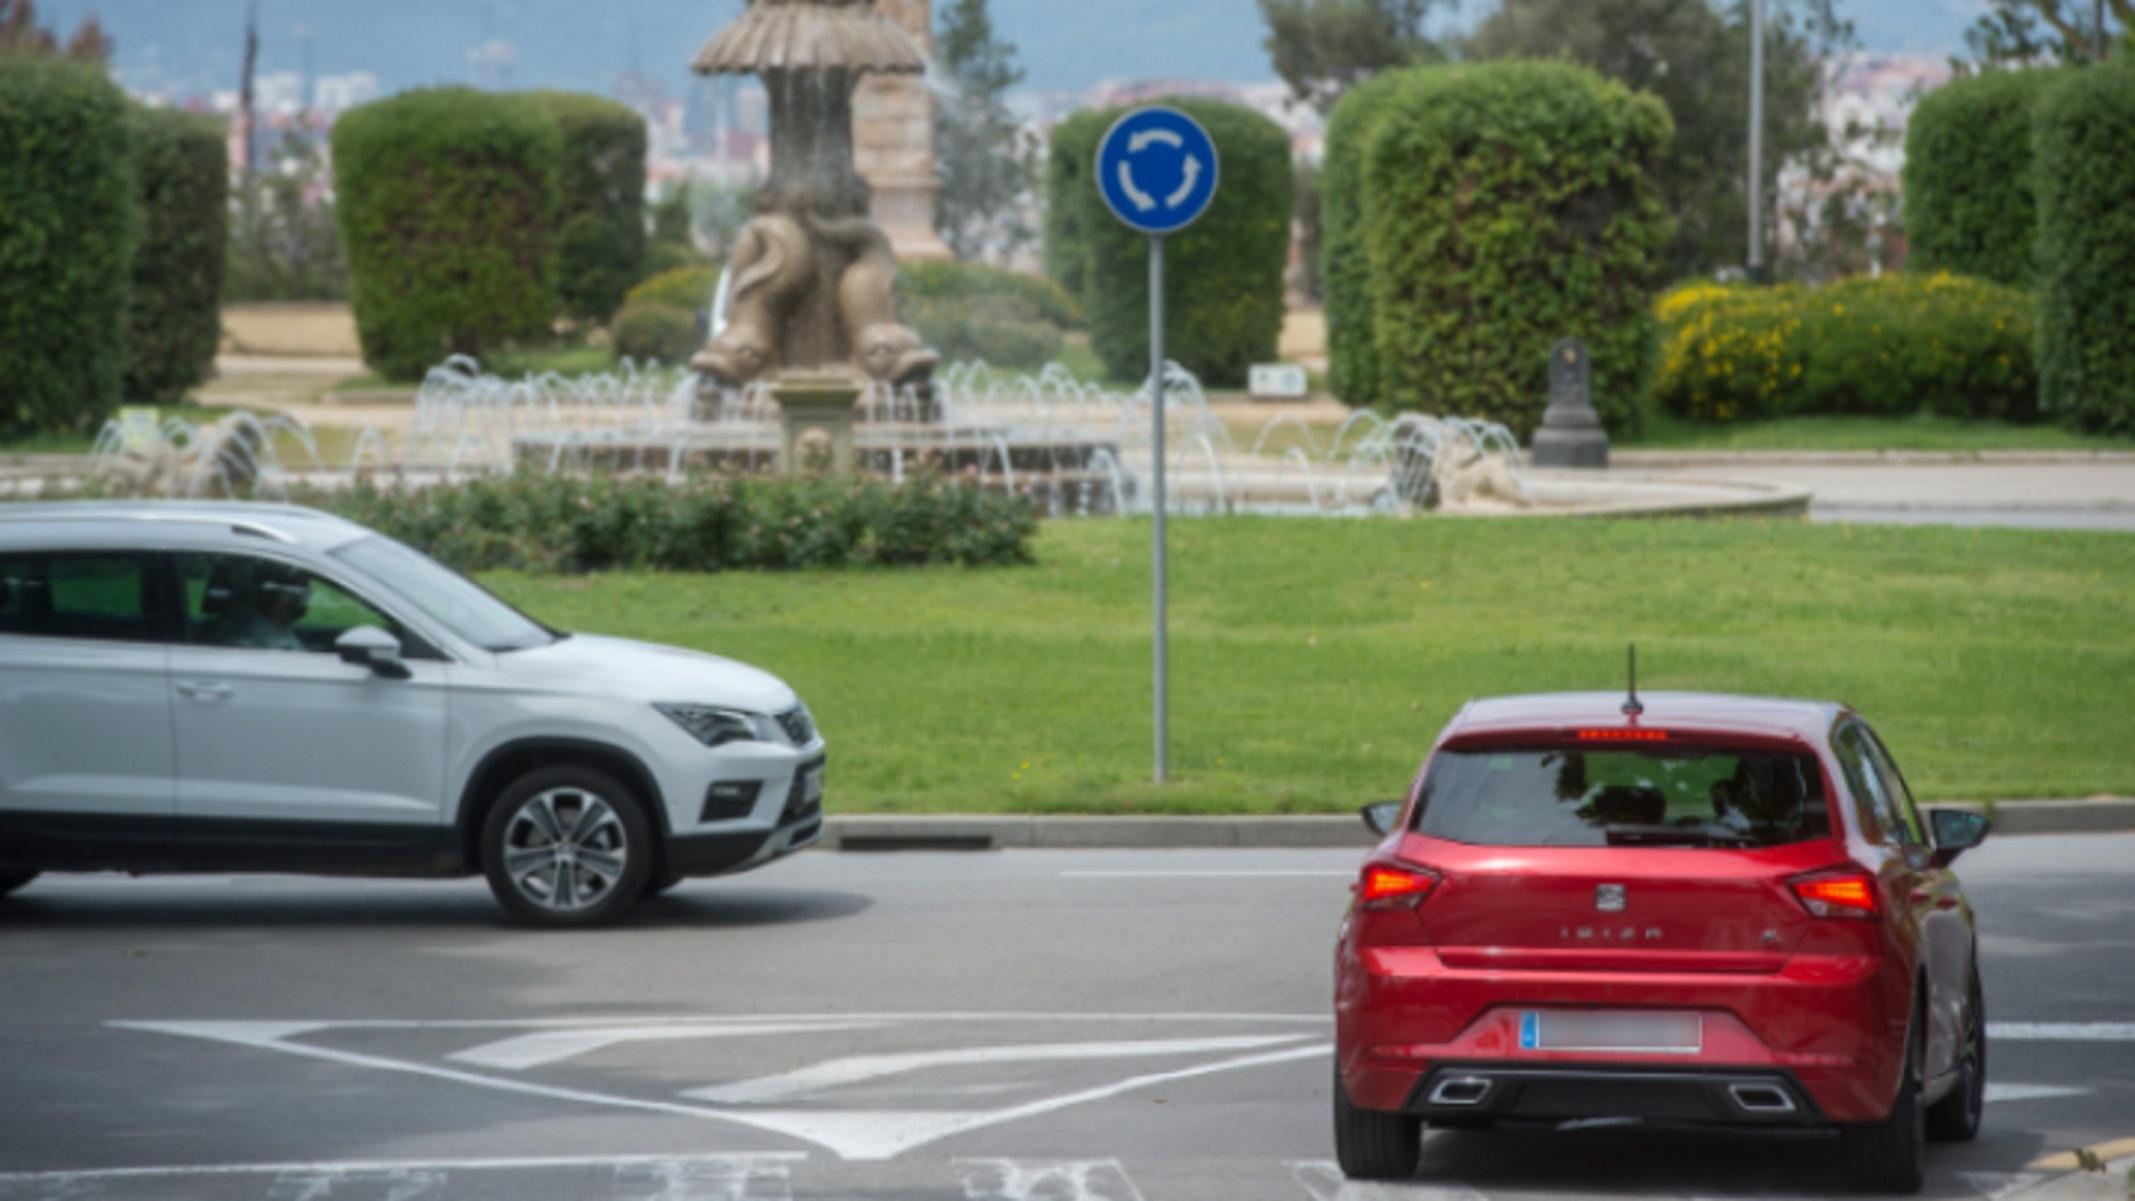 Τροχαία δυστυχήματα – Ελλάδα: Μοιραία ακόμα και τα 40 χλμ. την ώρα στις πόλεις